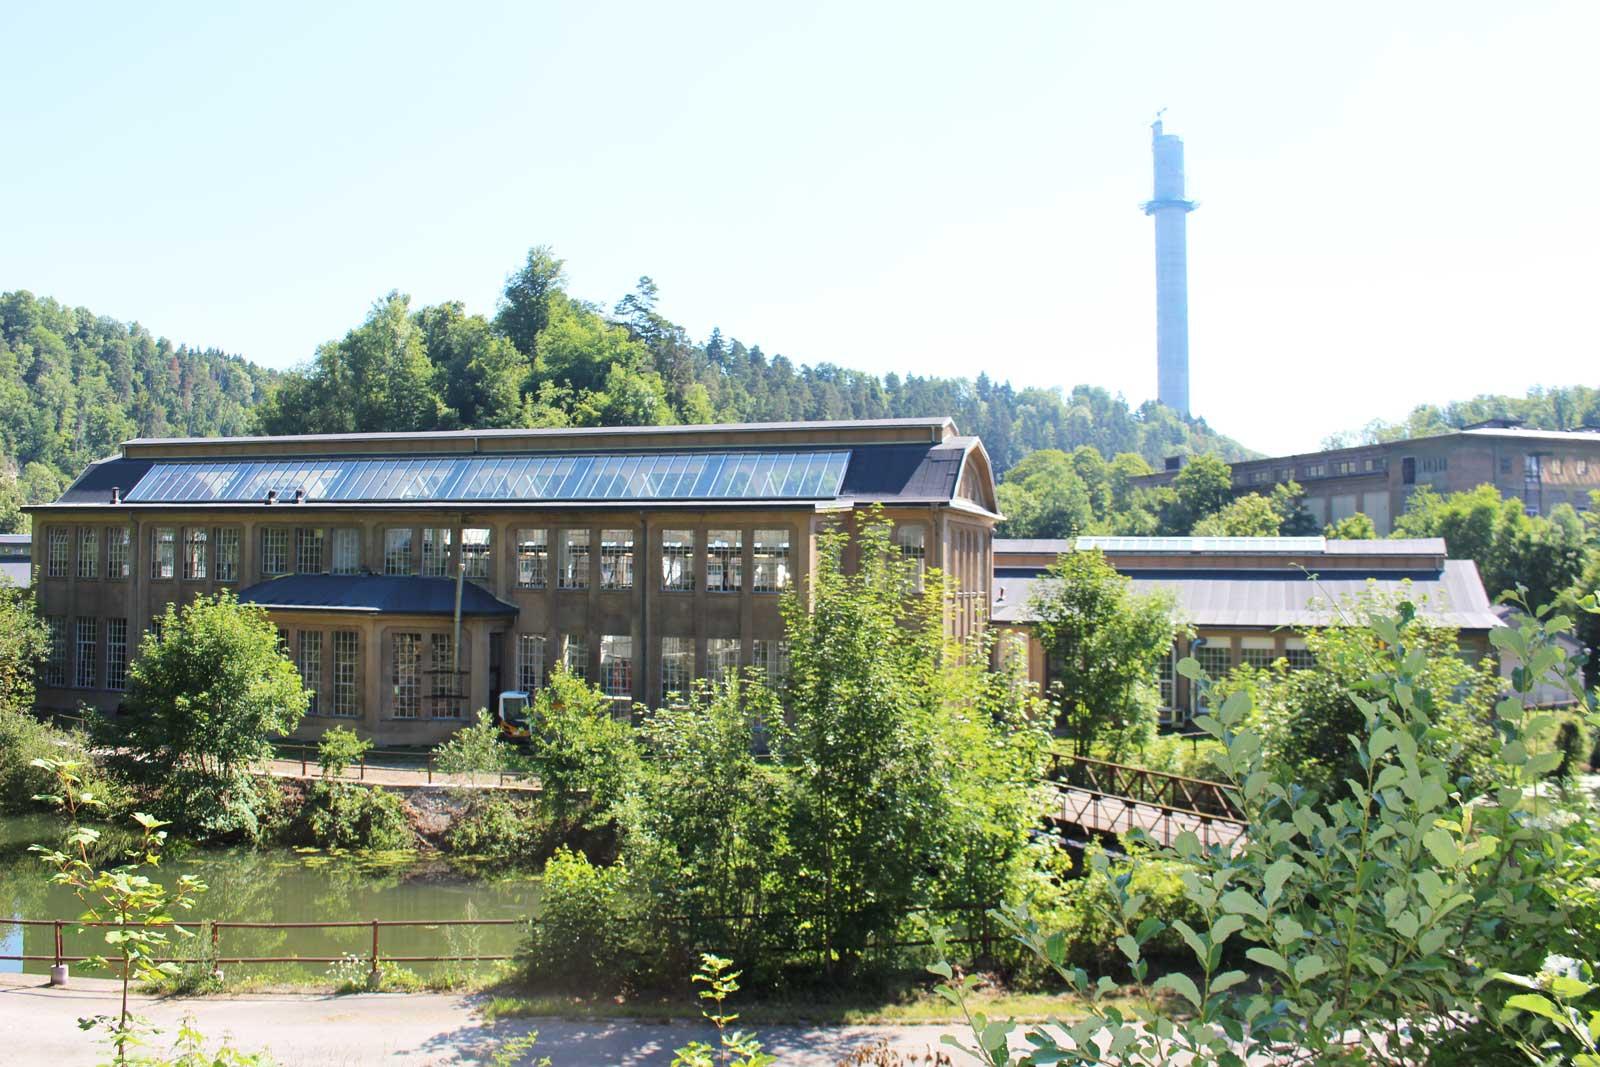 Pulverfabrik